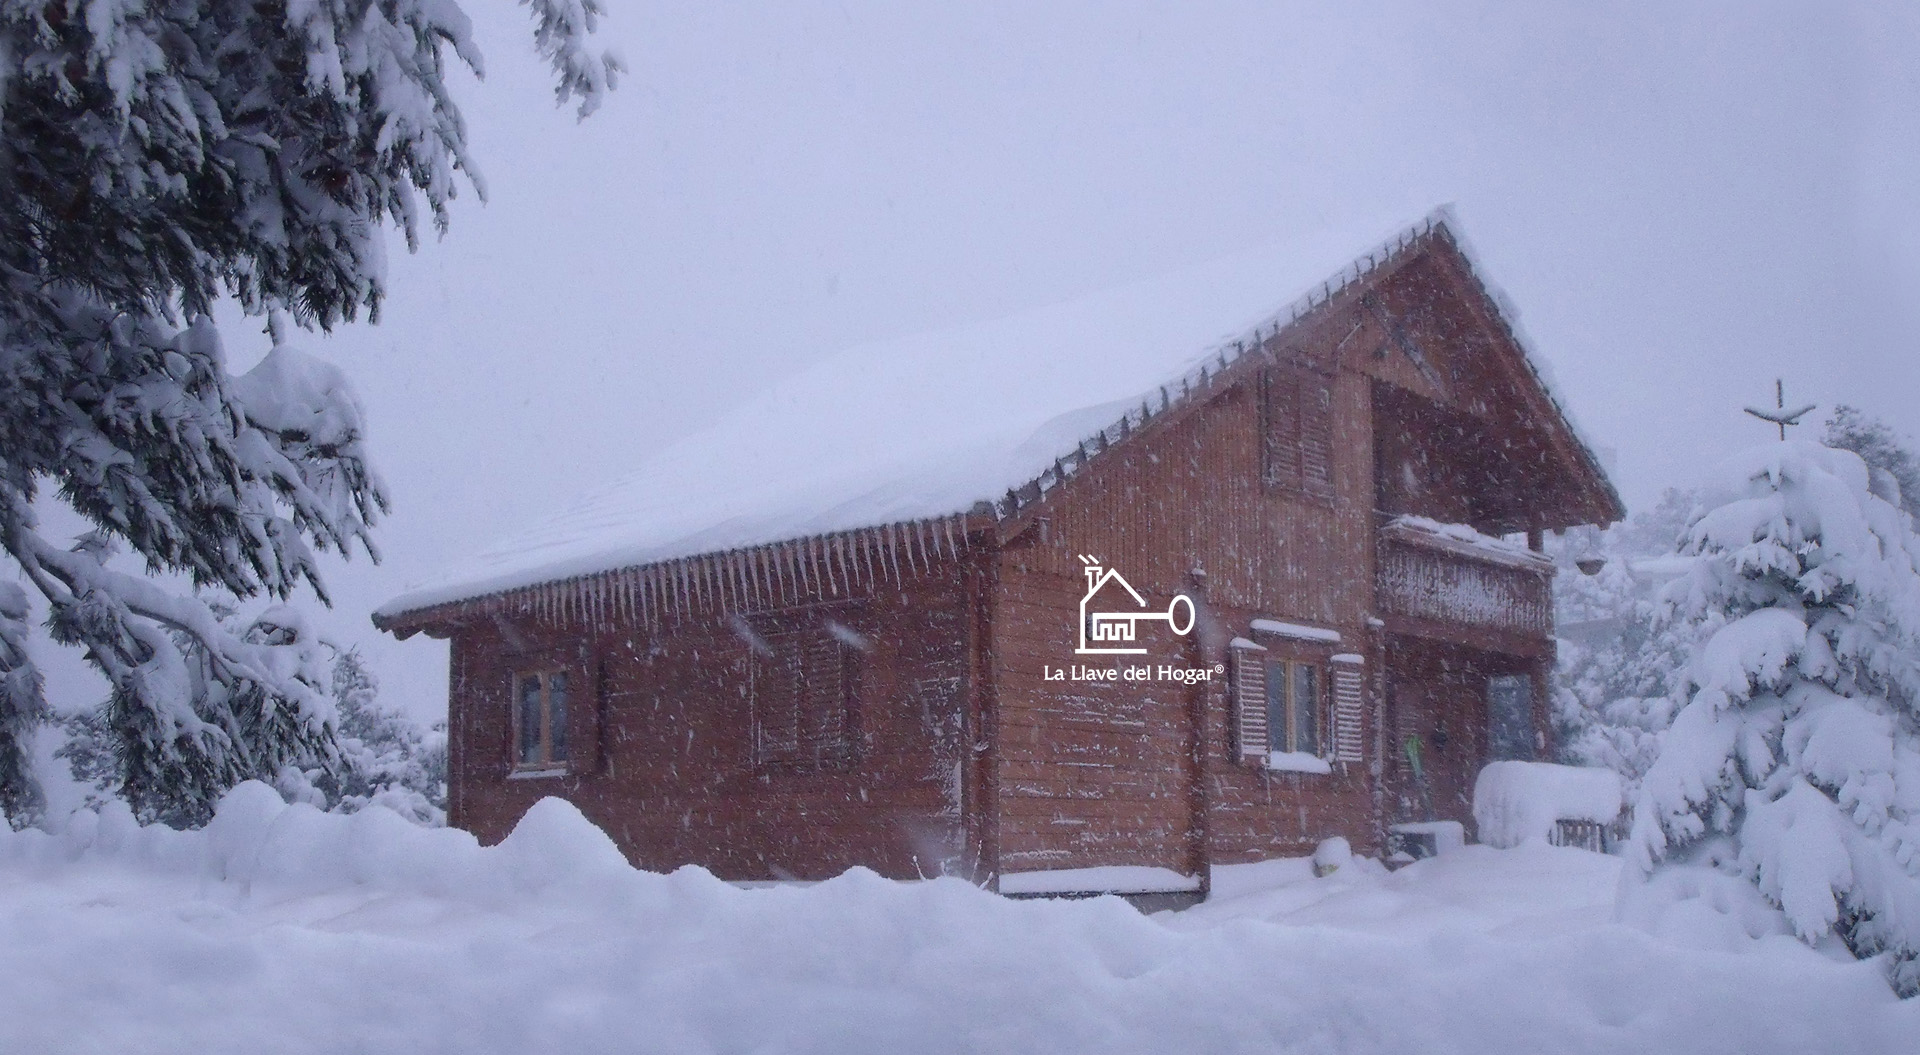 Sierra nevada 160m casas de madera la llave del hogar - Casas de madera natural ...